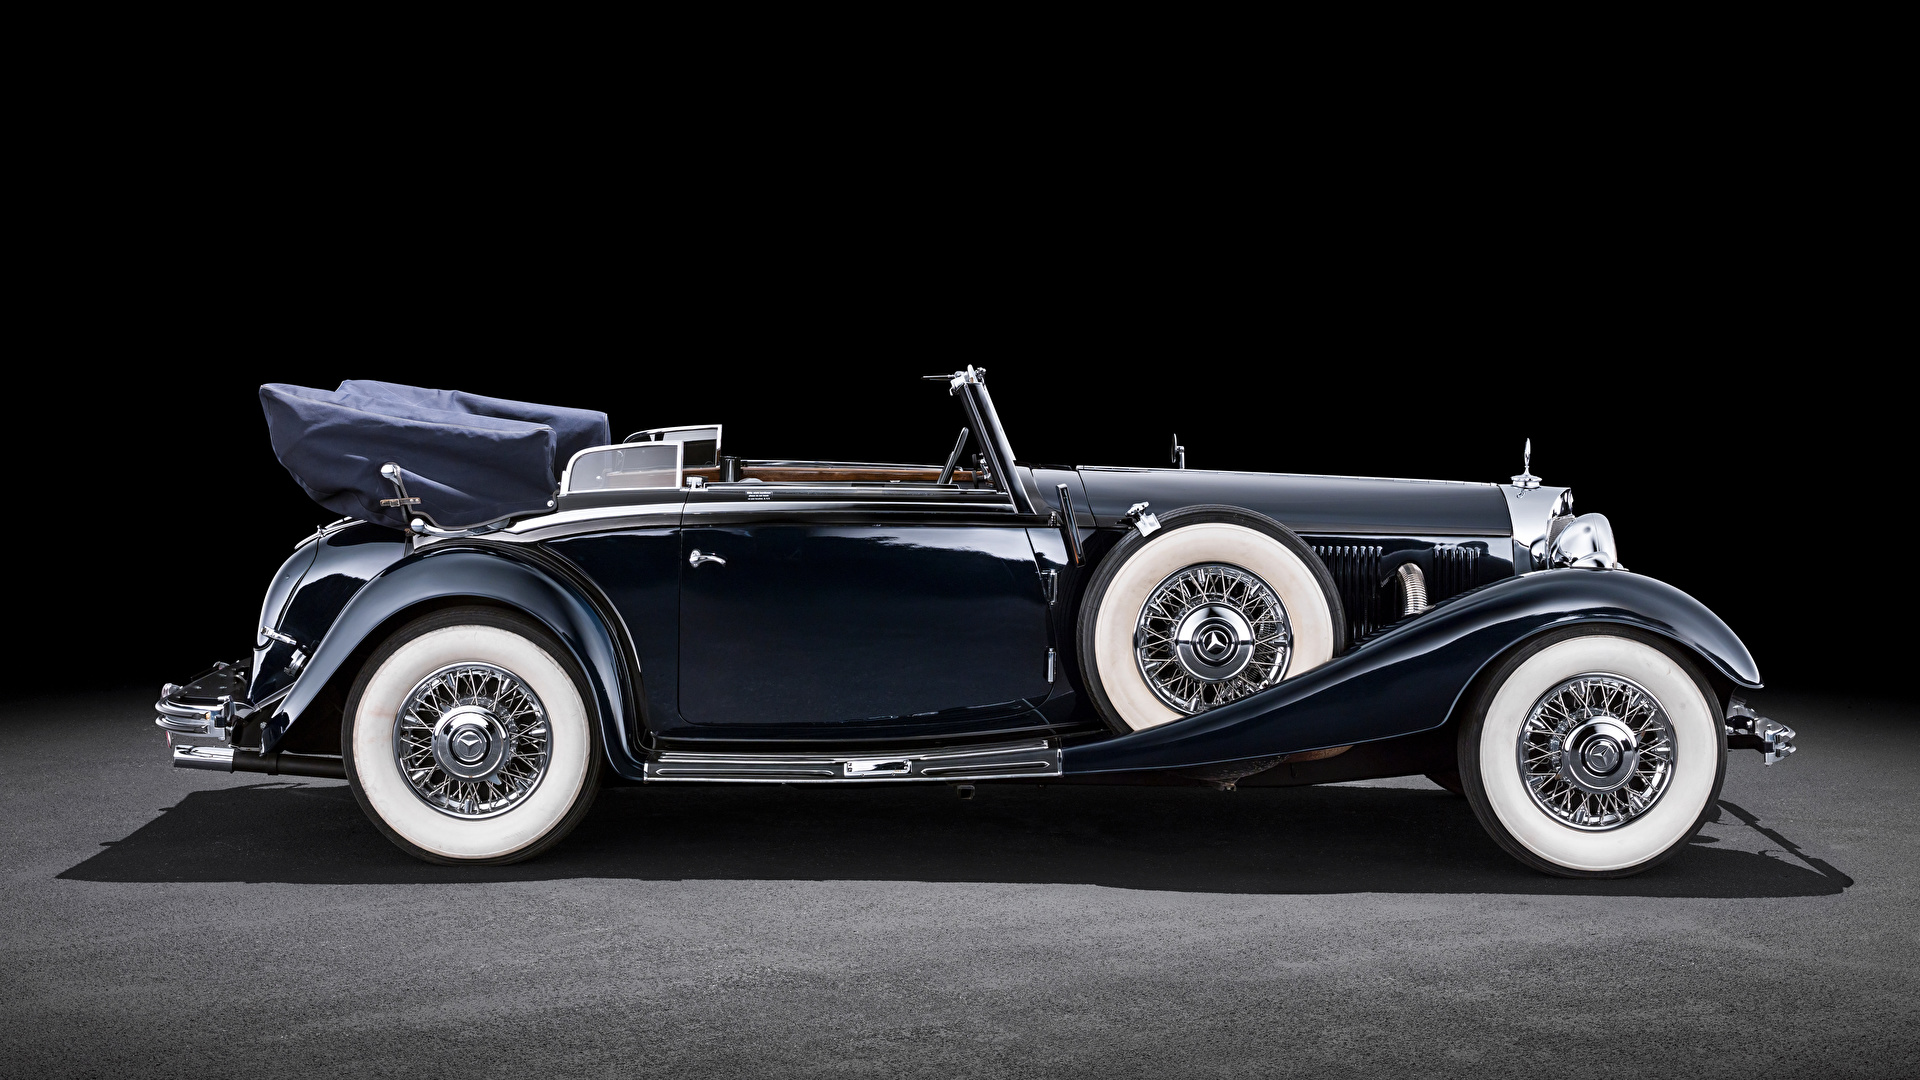 Bilder von Mercedes-Benz Cabrio antik Autos Seitlich 1920x1080 Cabriolet Retro auto automobil